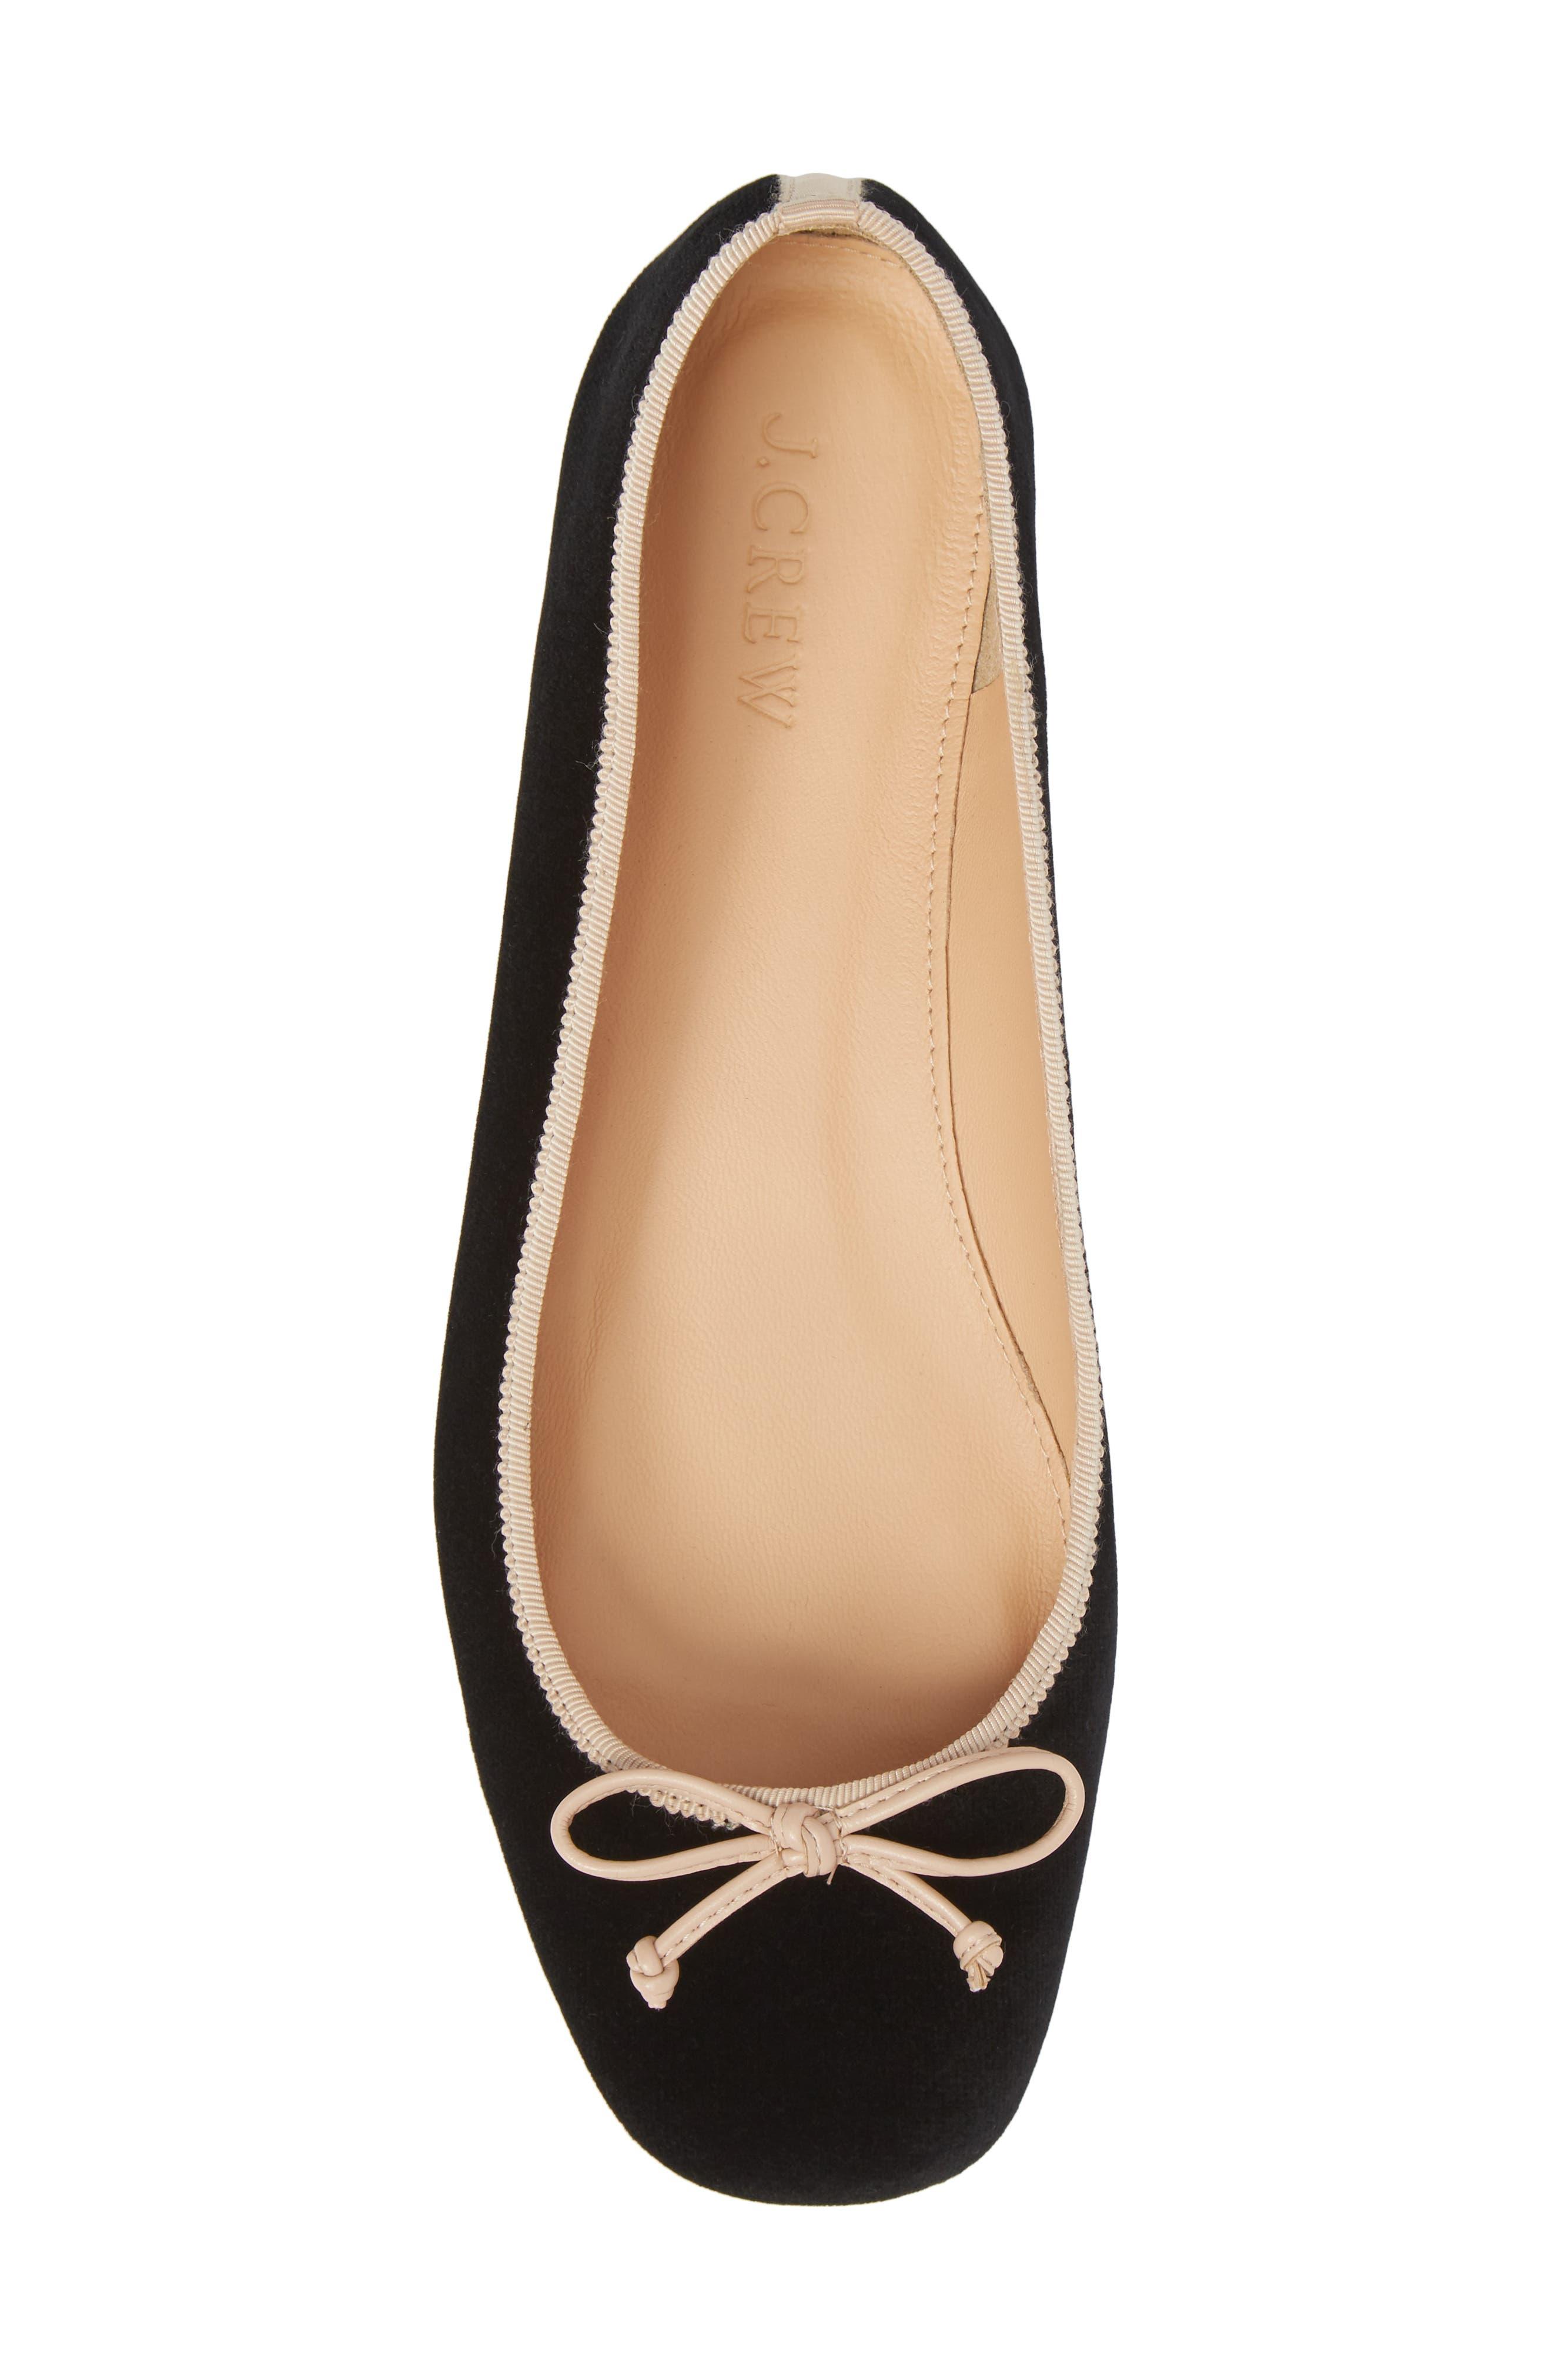 Lily Velvet Ballet Flat,                             Alternate thumbnail 5, color,                             001